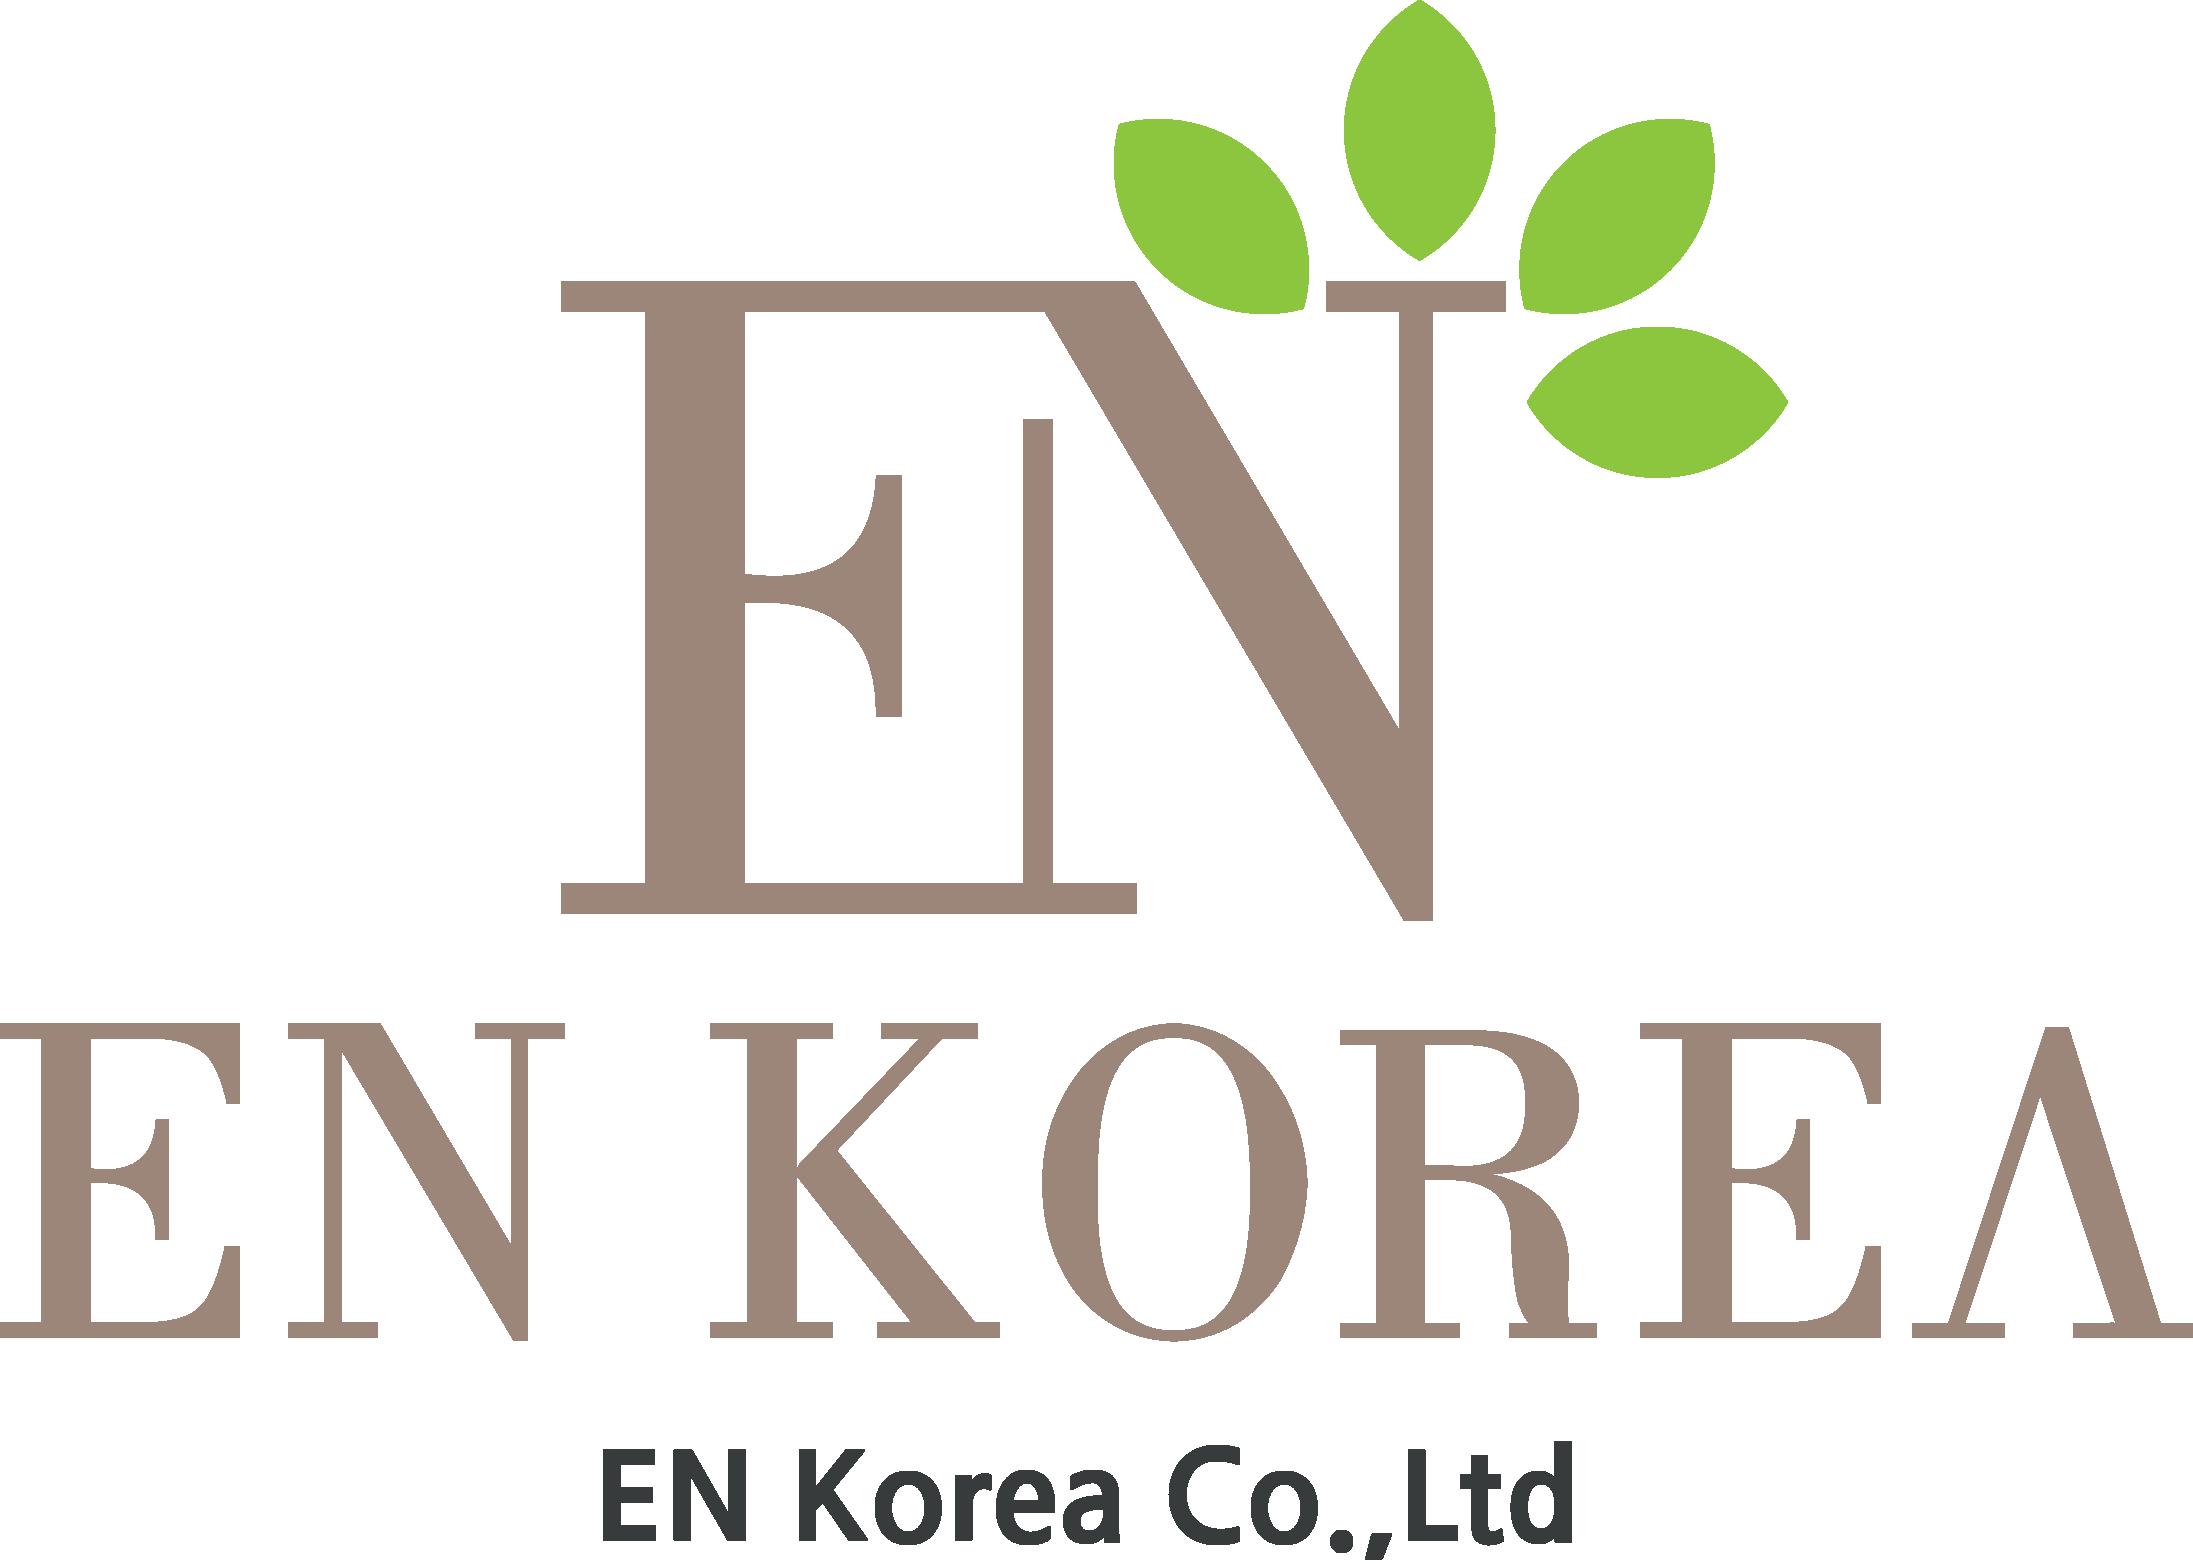 EN Korea Co Ltd